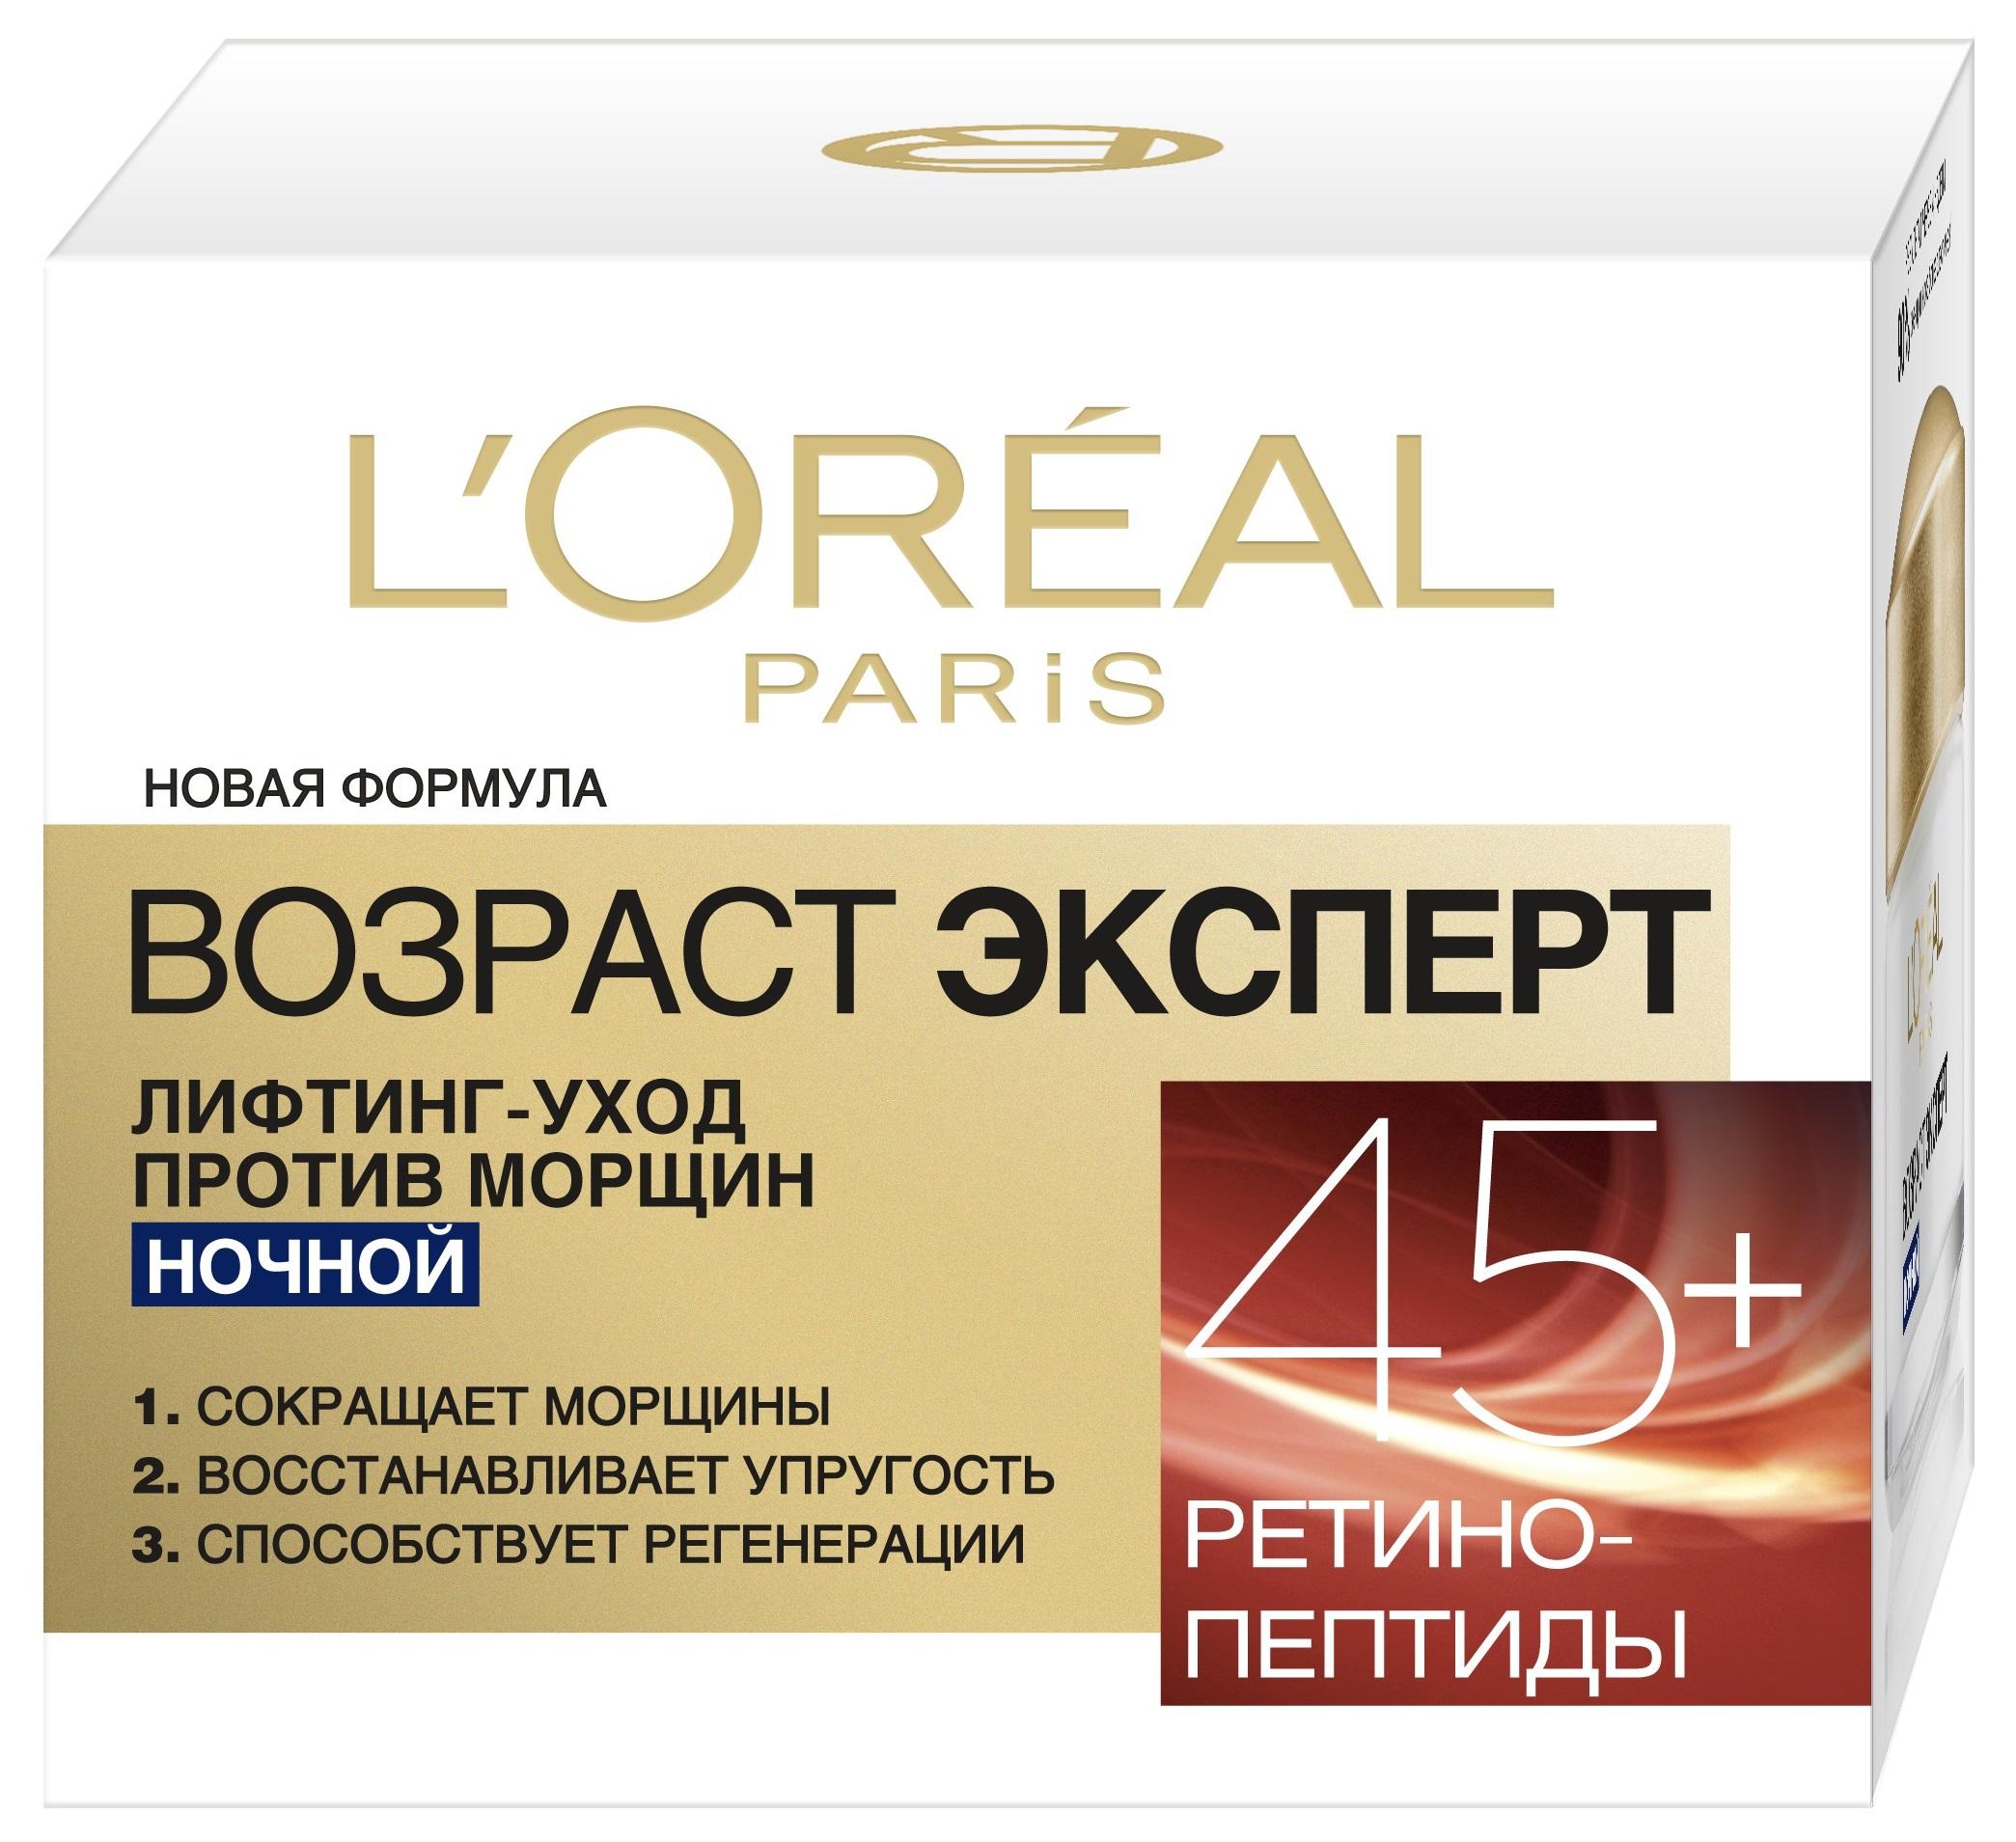 LOreal Paris Ночной крем Возраст эксперт 45+, против морщин, лифтинг-уход, 50 млA7821500Известно, что после 45 лет обновление кожи замедляется, появляется всё больше морщин, контуры лица становятся нечёткими, часто бывает ощущение сухости и стянутости. Для зрелой кожи необходим специальный уход «Возраст Эксперт», разработанный лабораторией Лореаль Париж. Ночной крем для лица «Возраст Эксперт 45+» ухаживает за кожей после 45 лет. Его уникальная формула работает одновременно в нескольких направлениях: стимулирует регенерацию кожи на глубинном уровне благодаря входящим в состав ретинопептидам, разглаживает морщины, восстанавливает упругость.